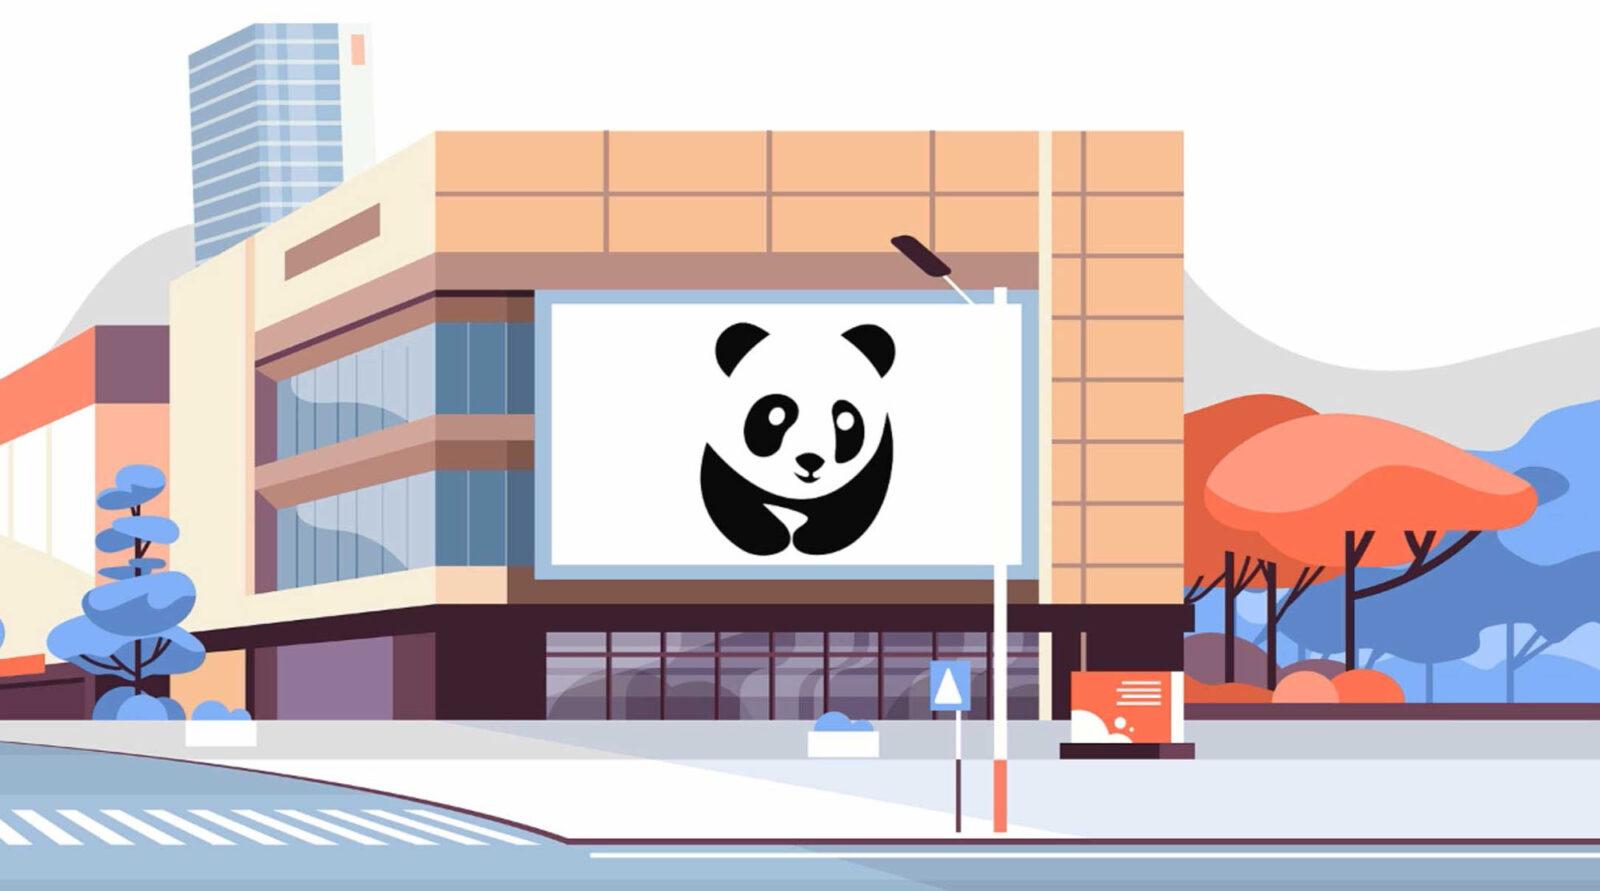 Illustration av en pandatavla som pryder en stor byggnad i stadsmiljö